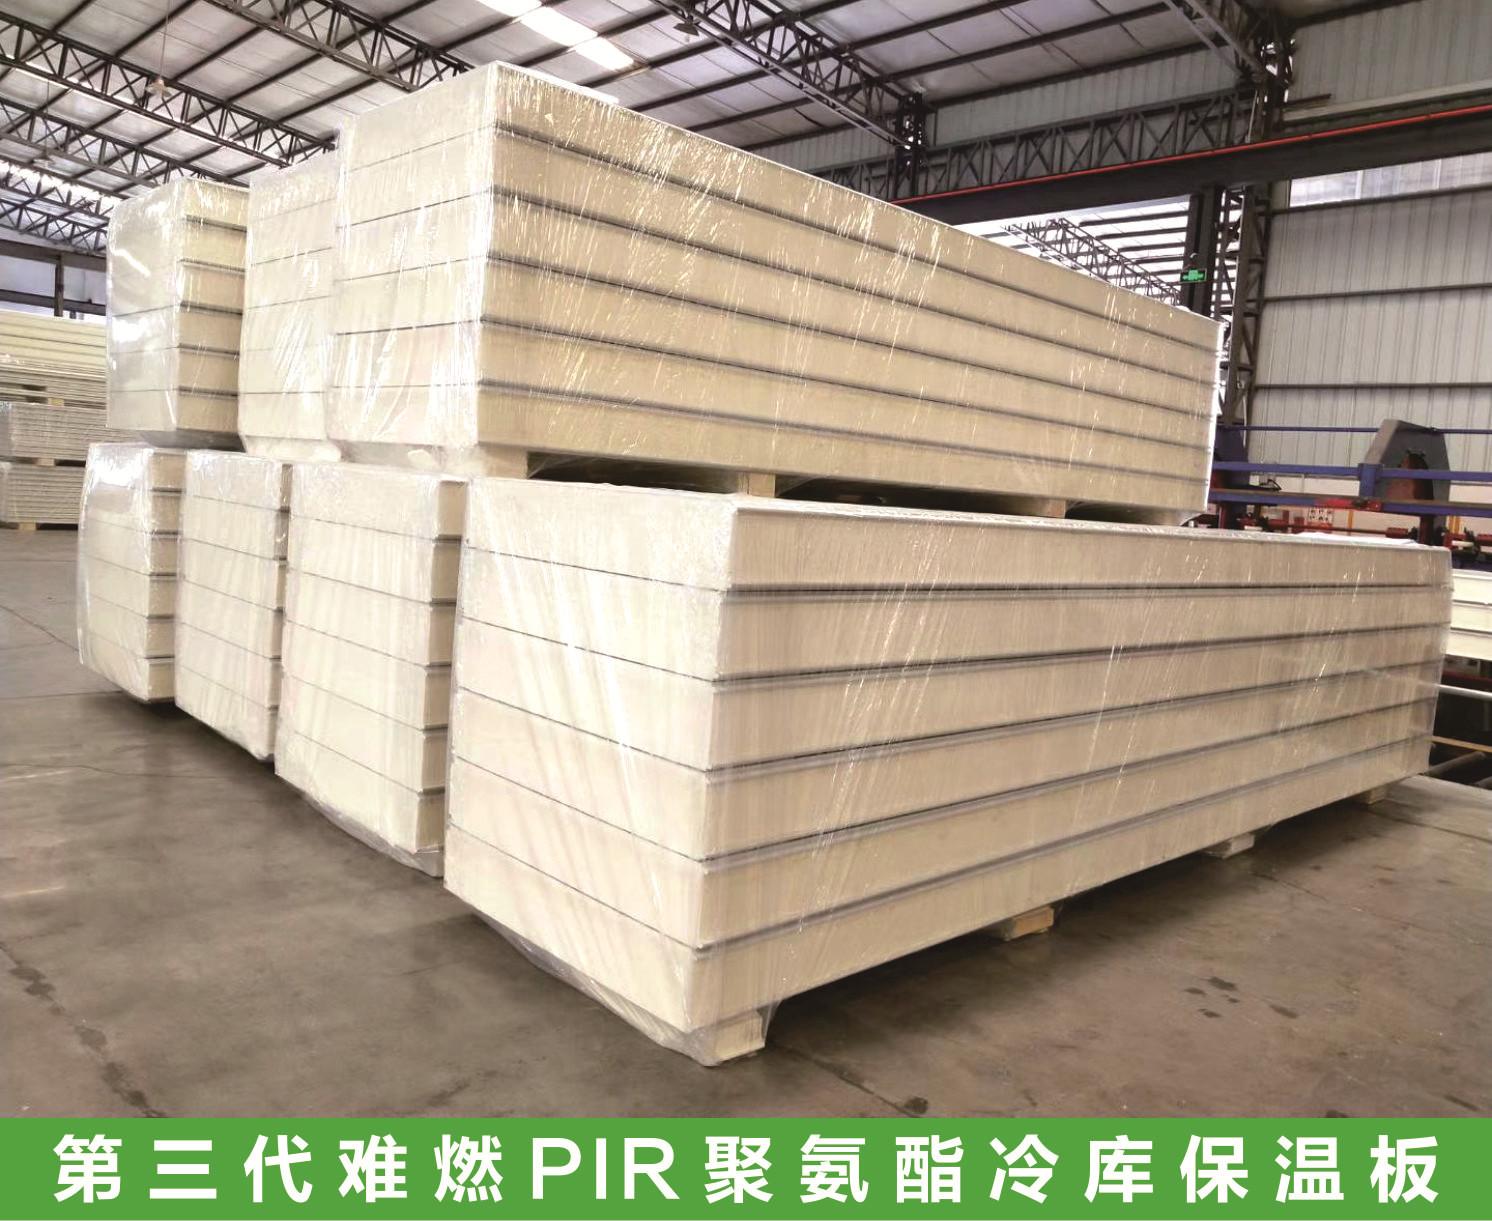 第三代B1级PIR聚氨酯冷库保温板